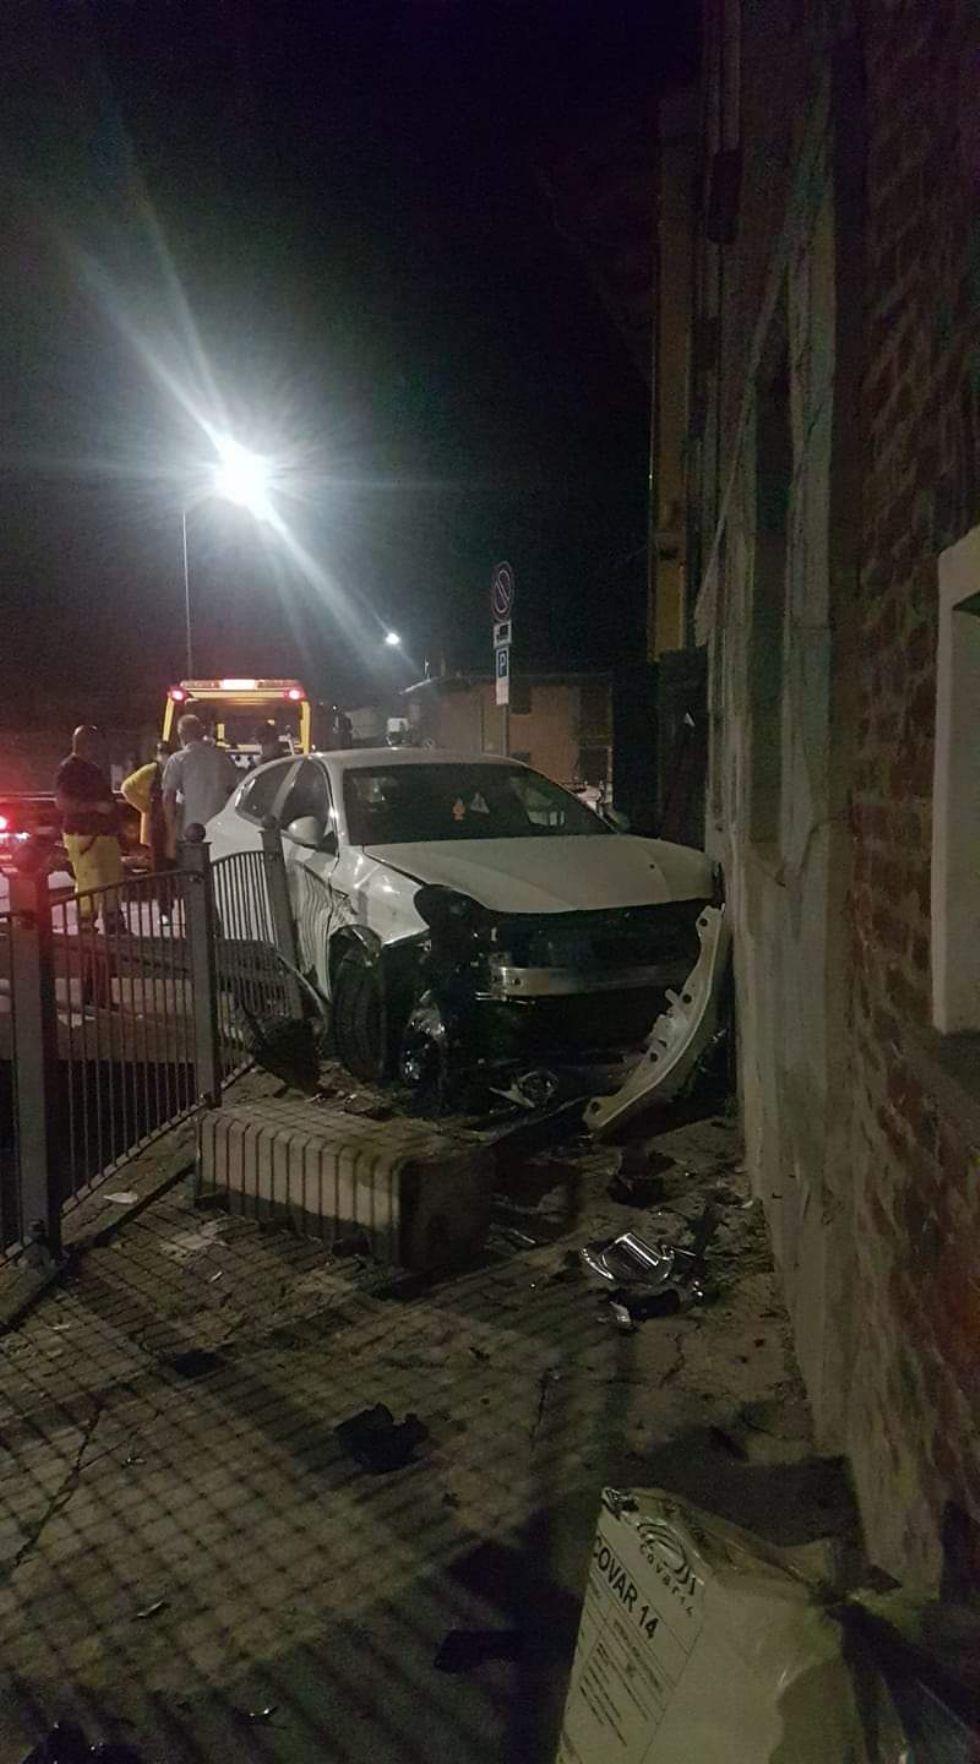 VIRLE - Perde il controllo dell'auto e si schianta contro il muro